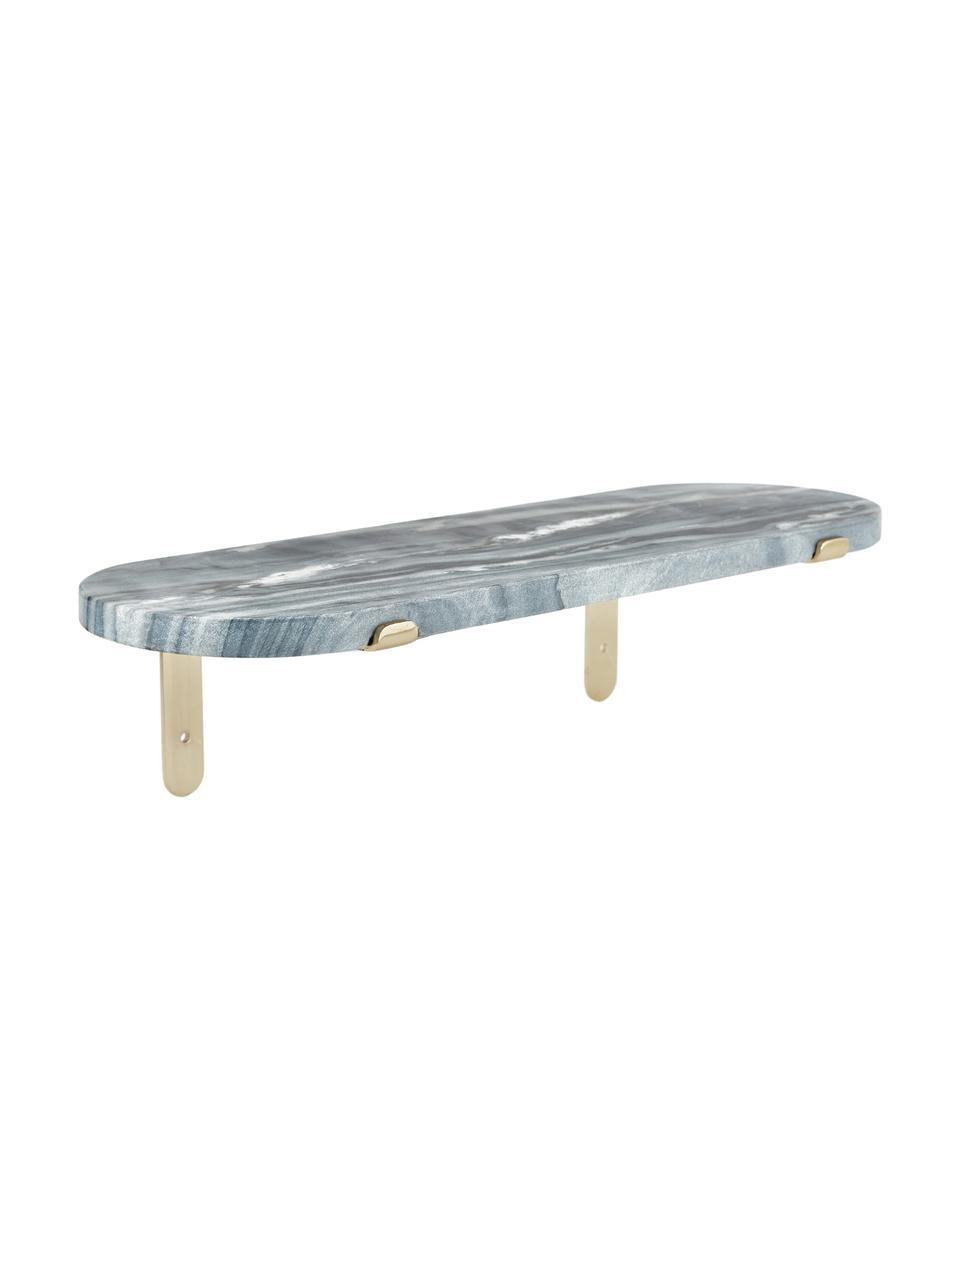 Marmeren wandplank Porter, Plank: marmer, Grijs, 60 x 16 cm